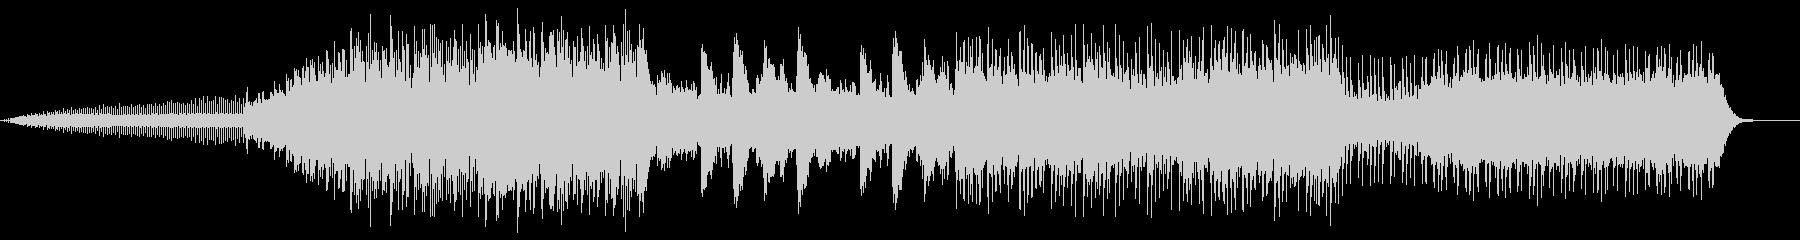 アジアンポップBGMの未再生の波形